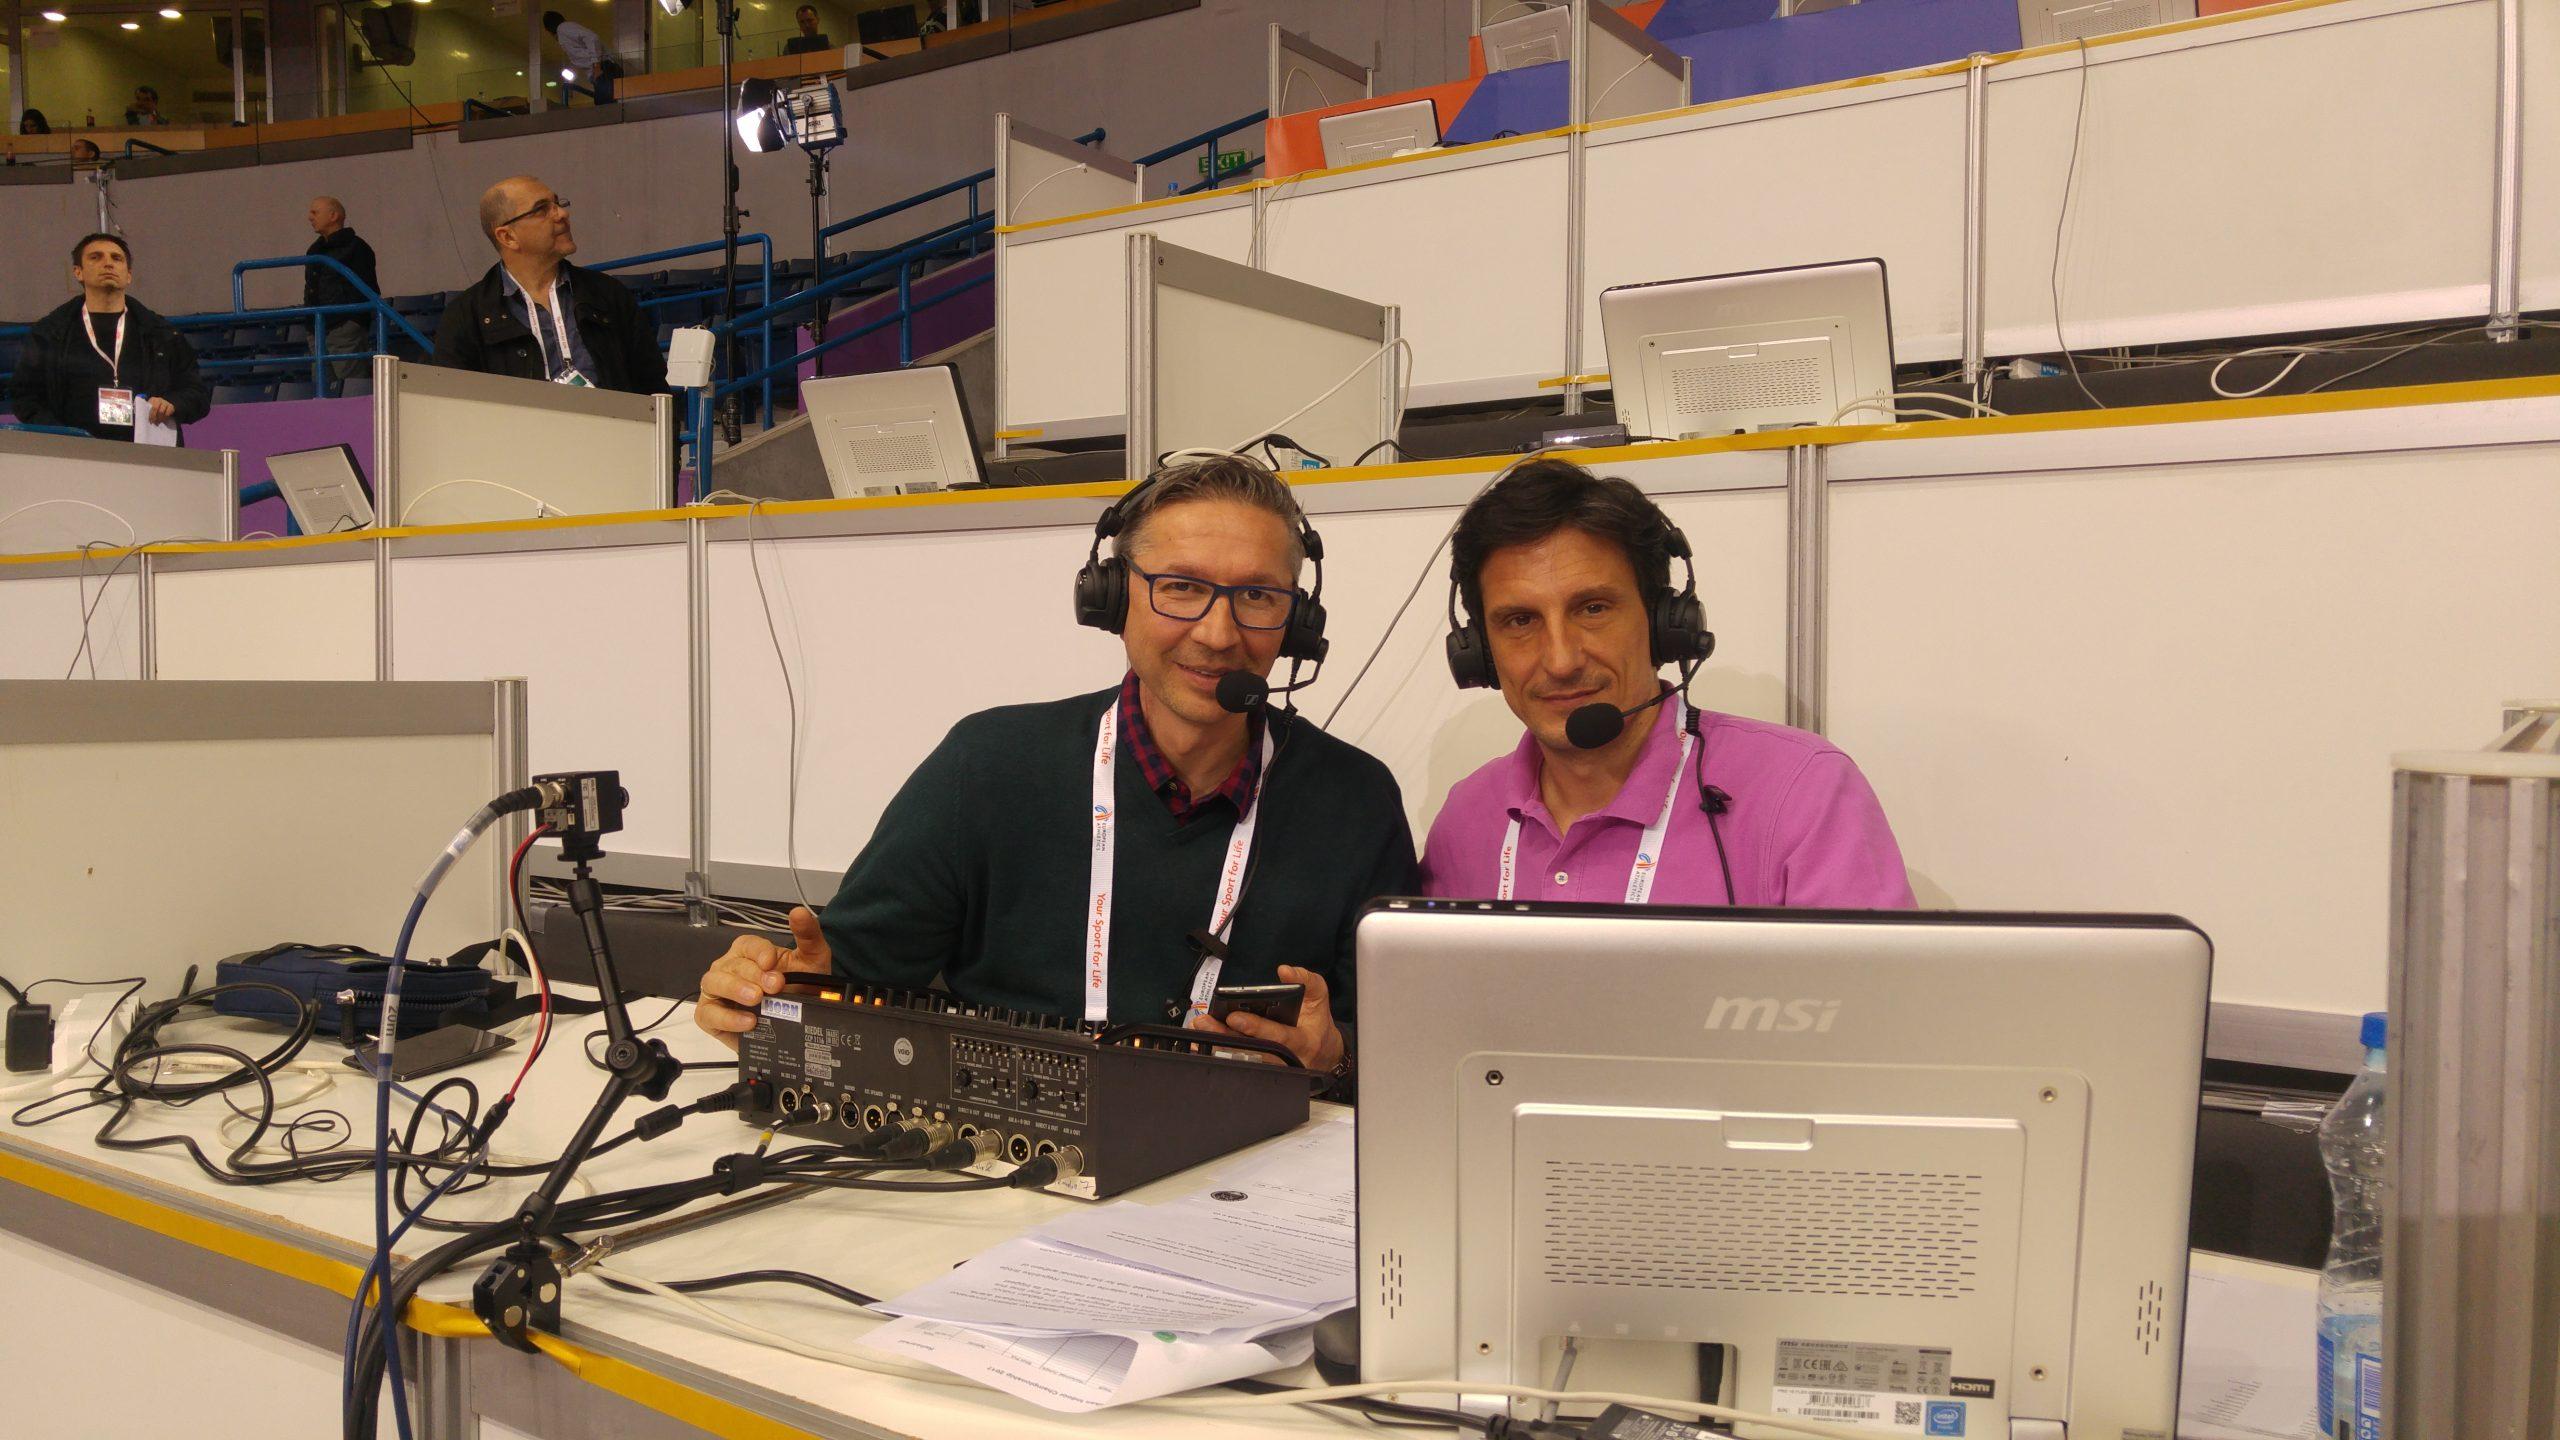 Dejan Pantelić i Vlada Mijaljević, spikeri na Evropskom prvenstvu u Beogradu 2017